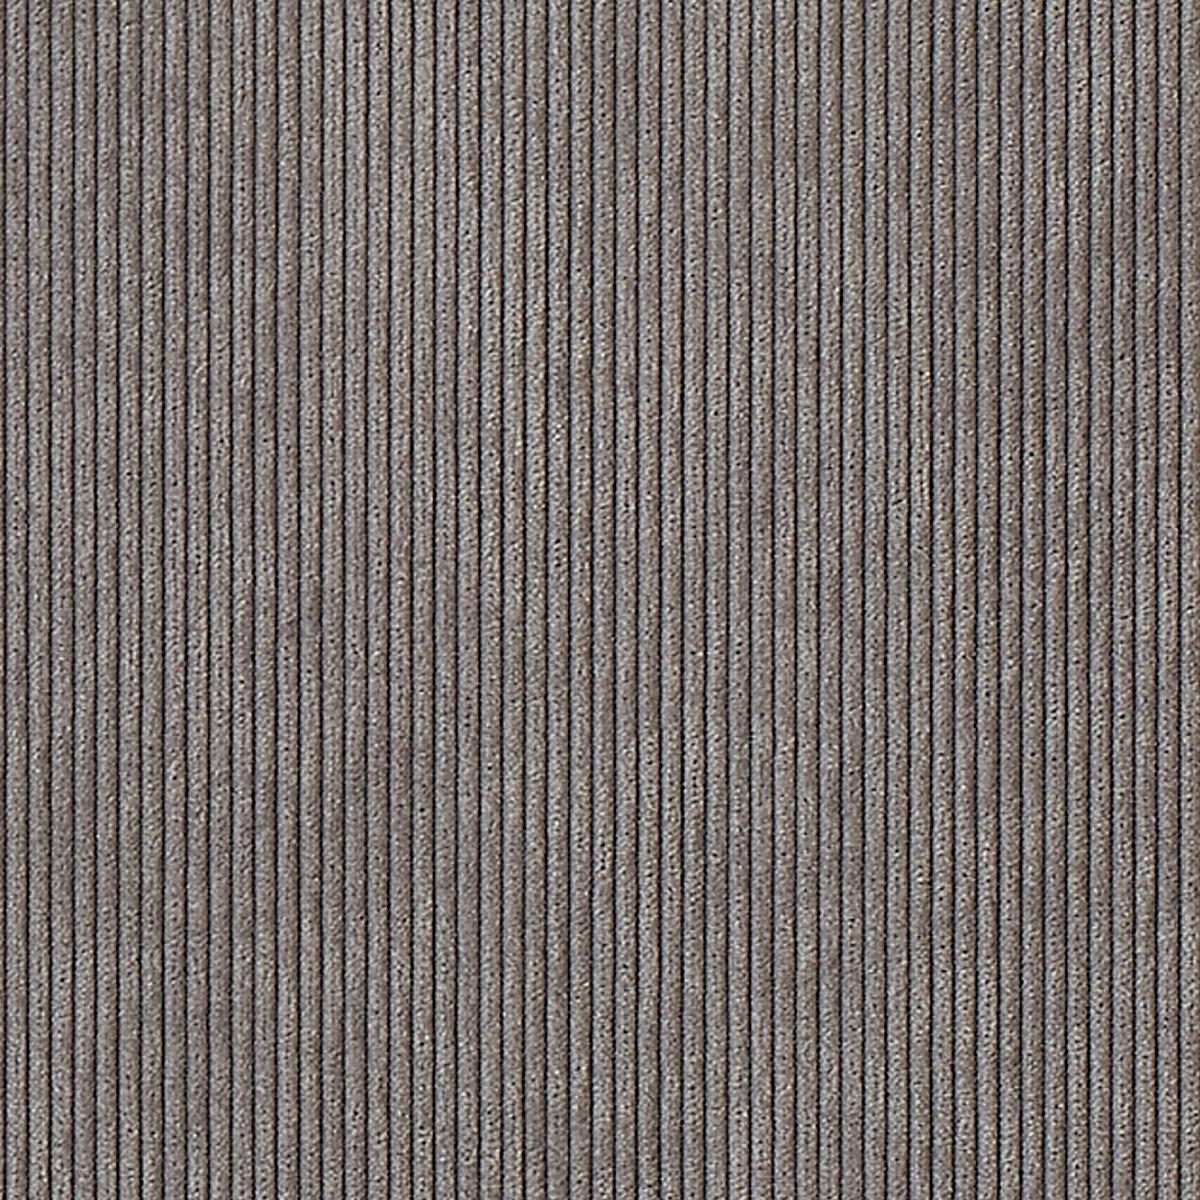 8922_GreyGroove_CorduroyCloth